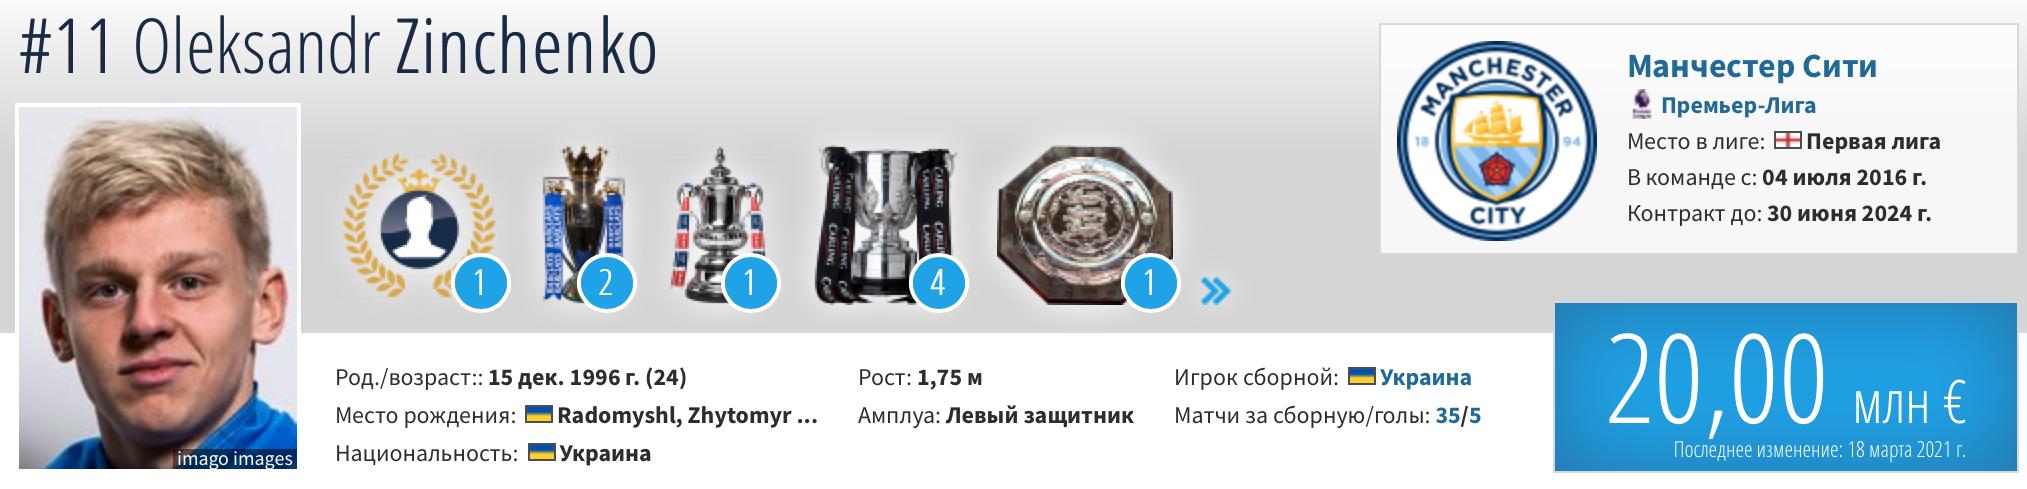 АПЛ: Ярмоленко вновь подешевел, Зинченко держит марку, Ван Дейк выпал из топ-10 - изображение 2